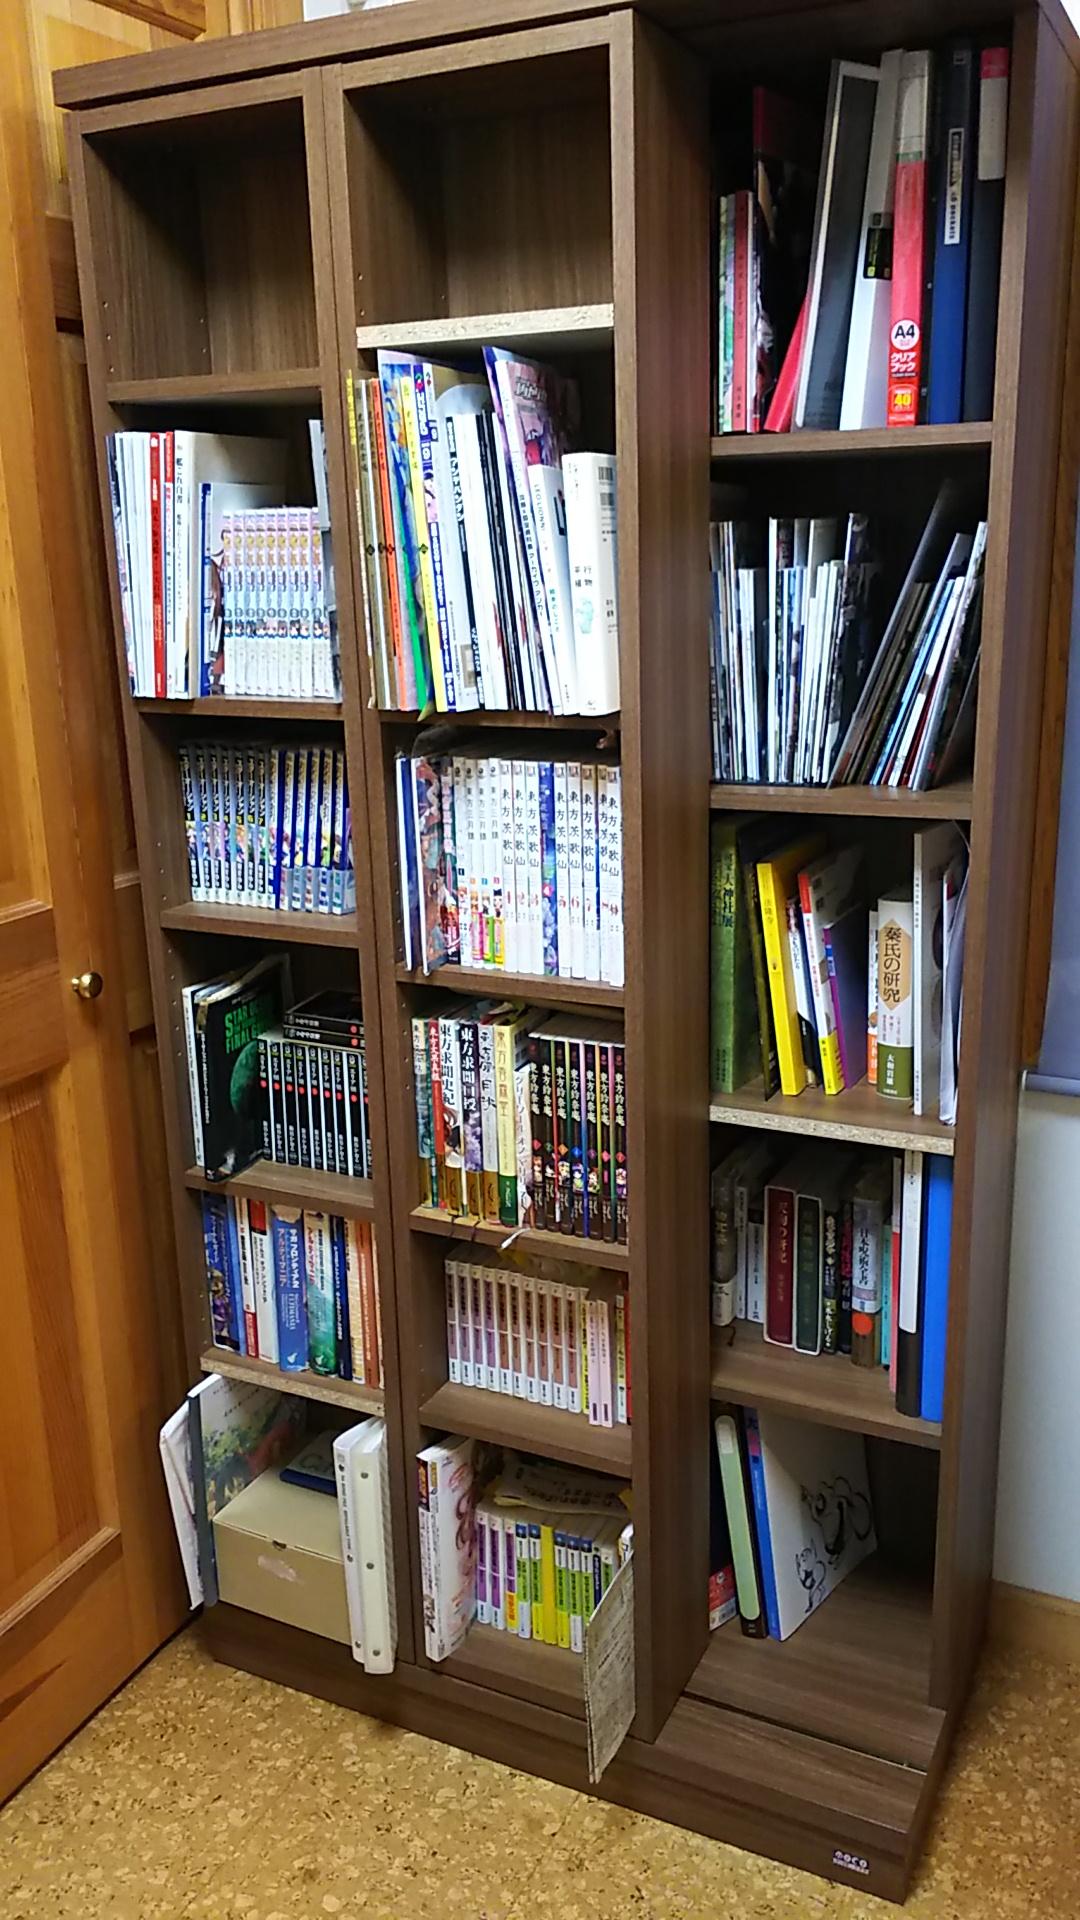 購入した本棚の全景